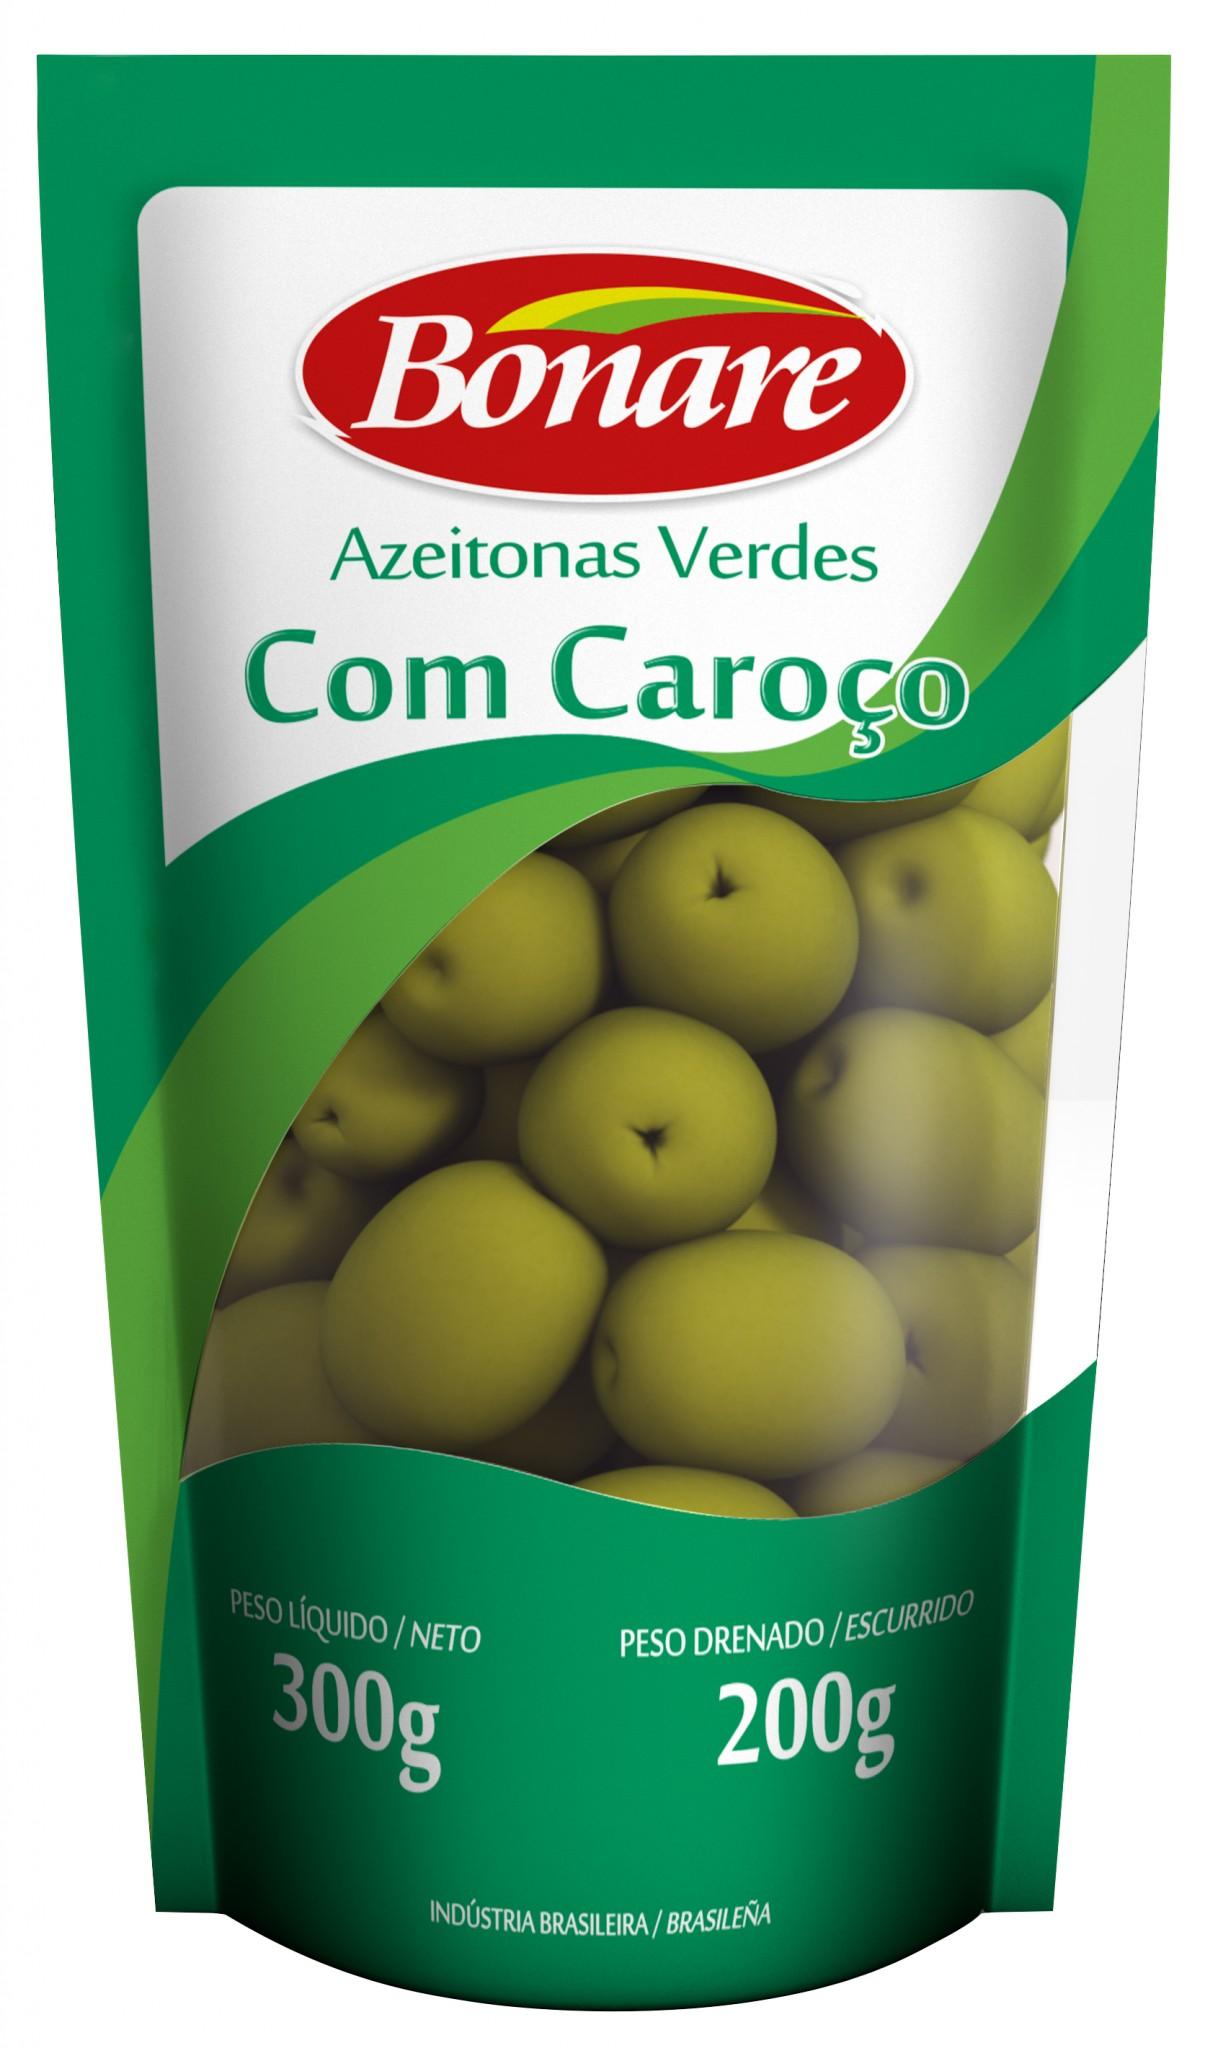 AZEITONAS VERDES COM CAROÇO 200g